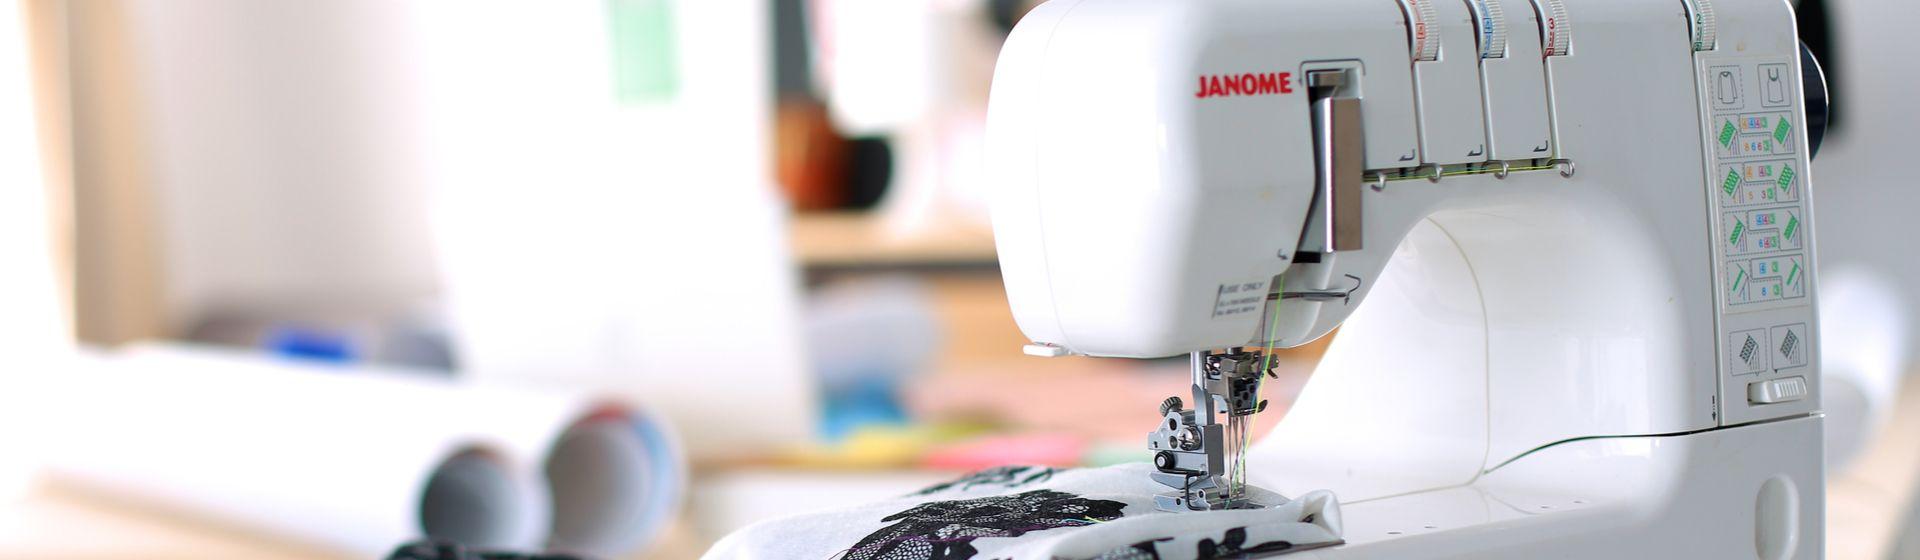 Melhor máquina de costura doméstica: sete modelos para comprar em 2021